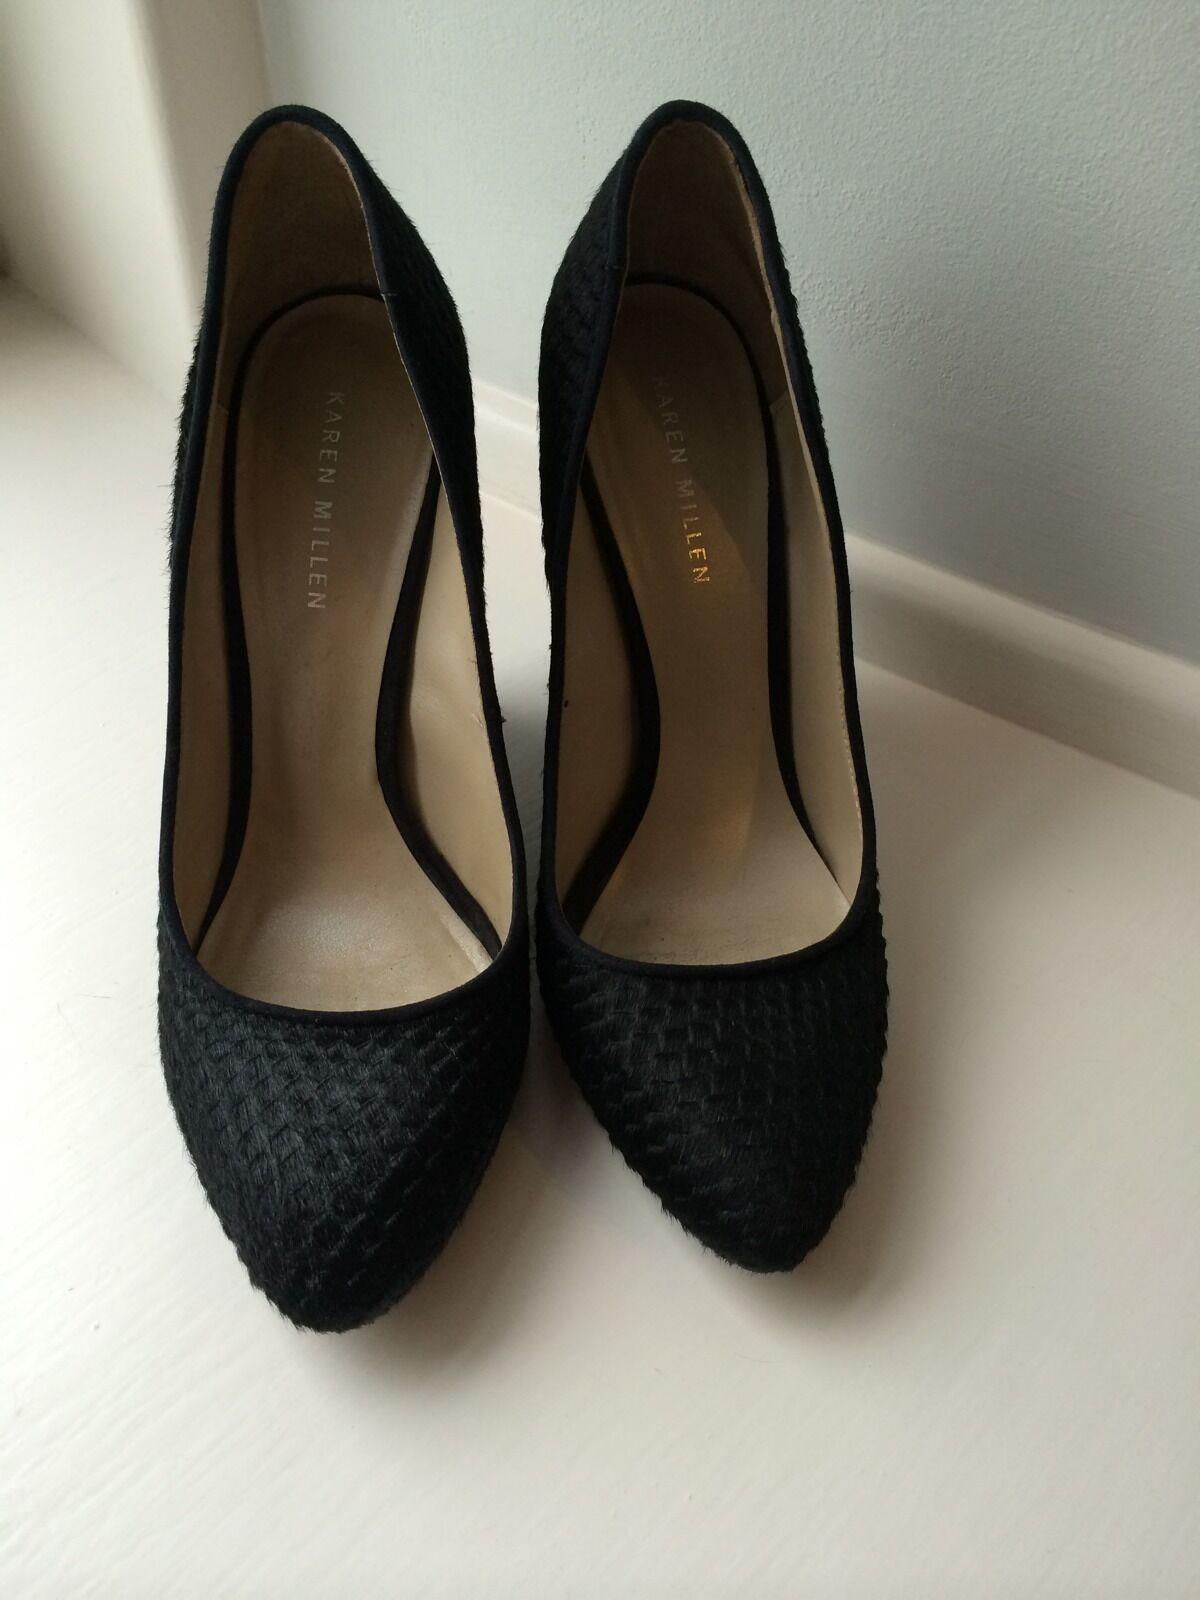 Karen Millen Negro Negro Negro Zapatos Talla 38  Envío y cambio gratis.